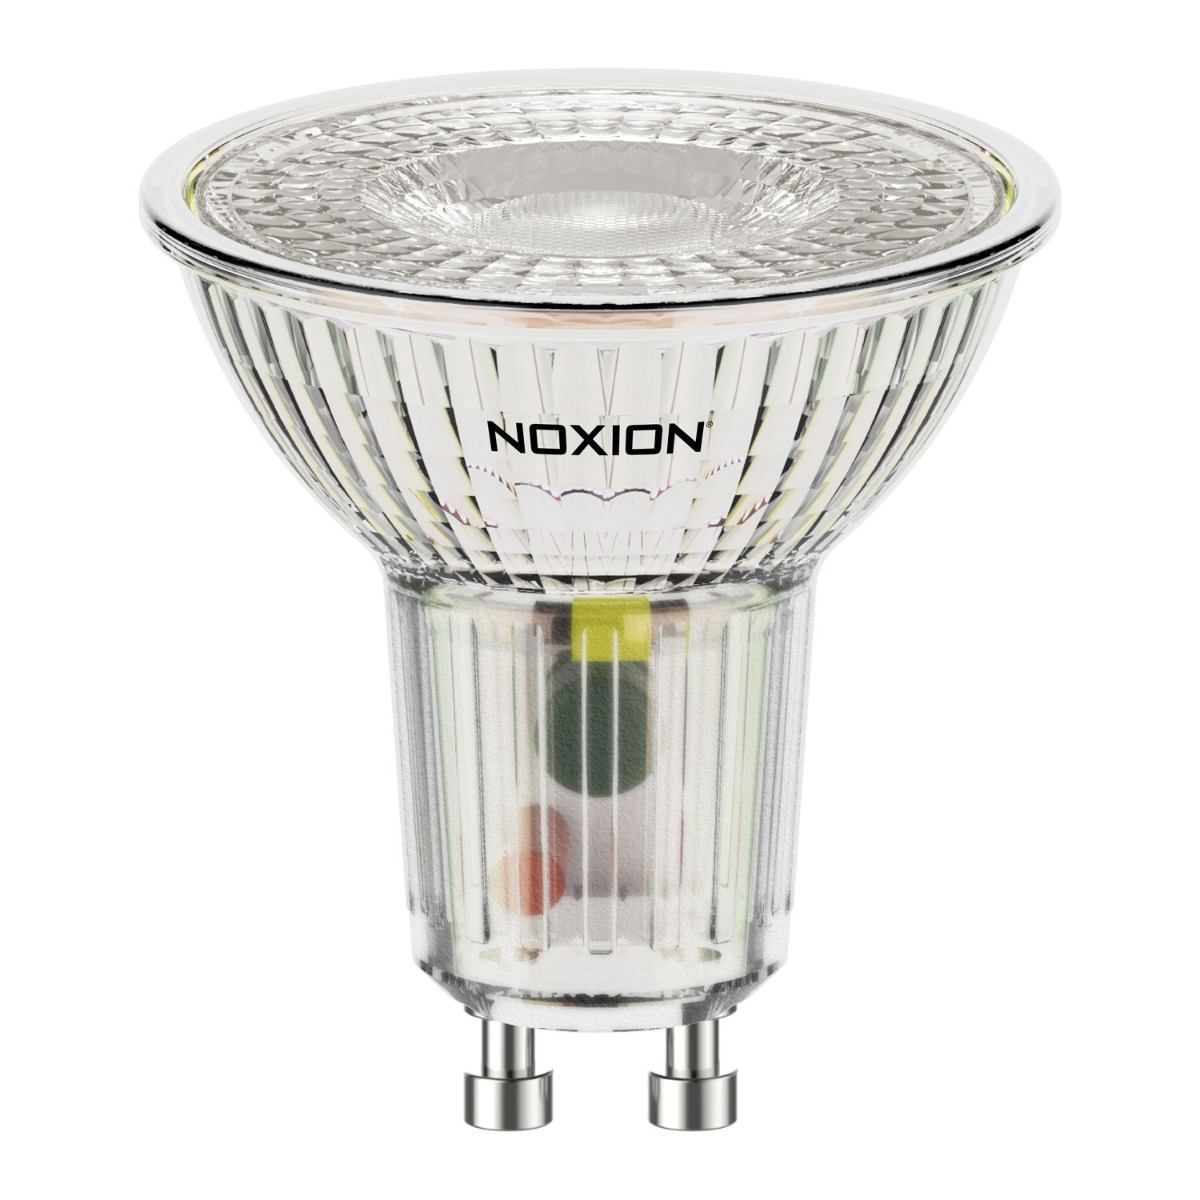 Noxion LED Spot GU10 5W 840 36D 520lm | Koel Wit - Vervangt 60W